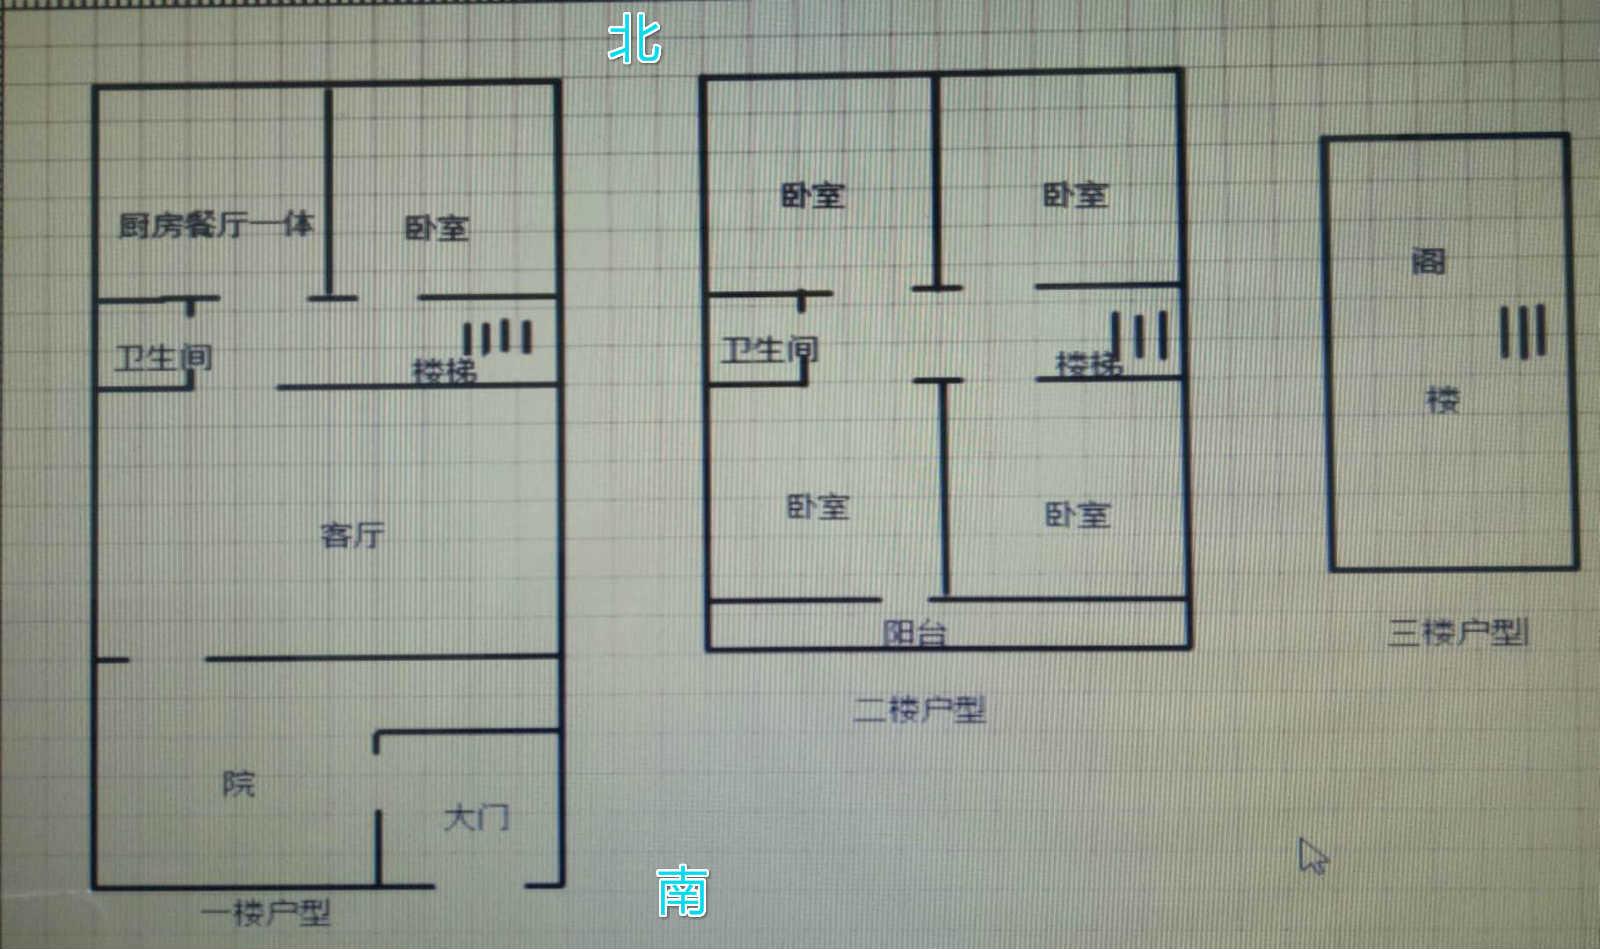 新领域国际花园 5室2厅  简装 55万